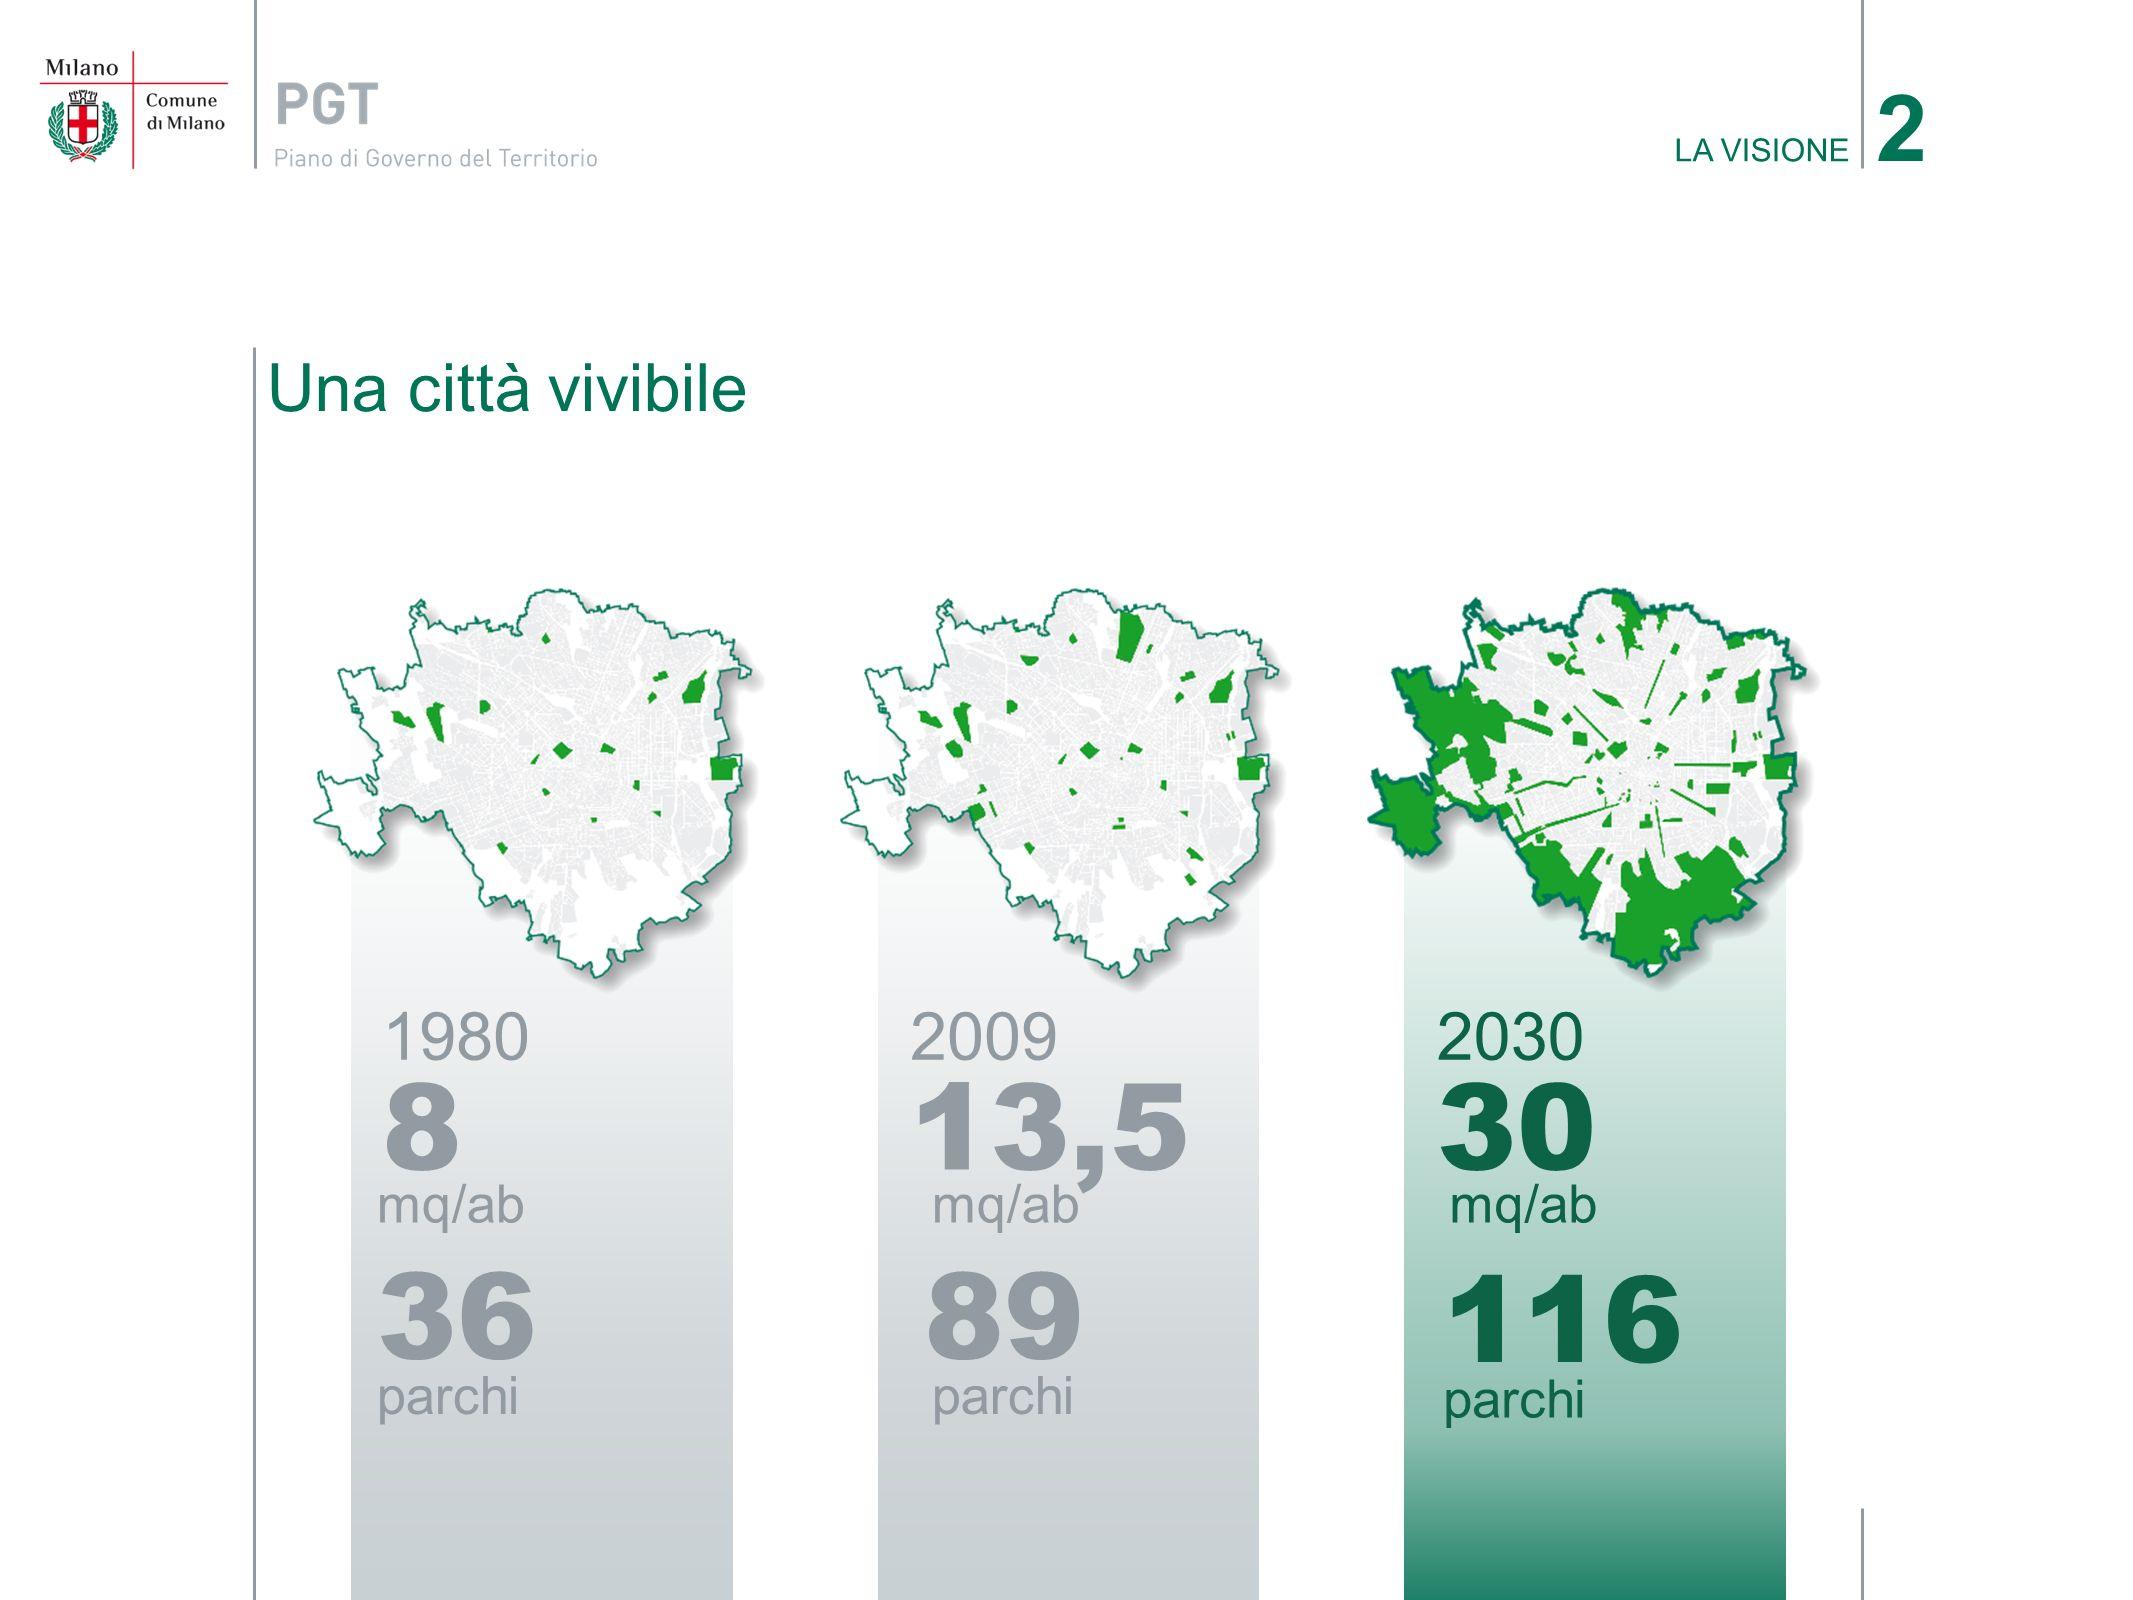 Una città vivibile LA VISIONE 2 2009 13,5 mq/ab 1980 8 mq/ab 2030 30 mq/ab 36 parchi 89 parchi 116 parchi